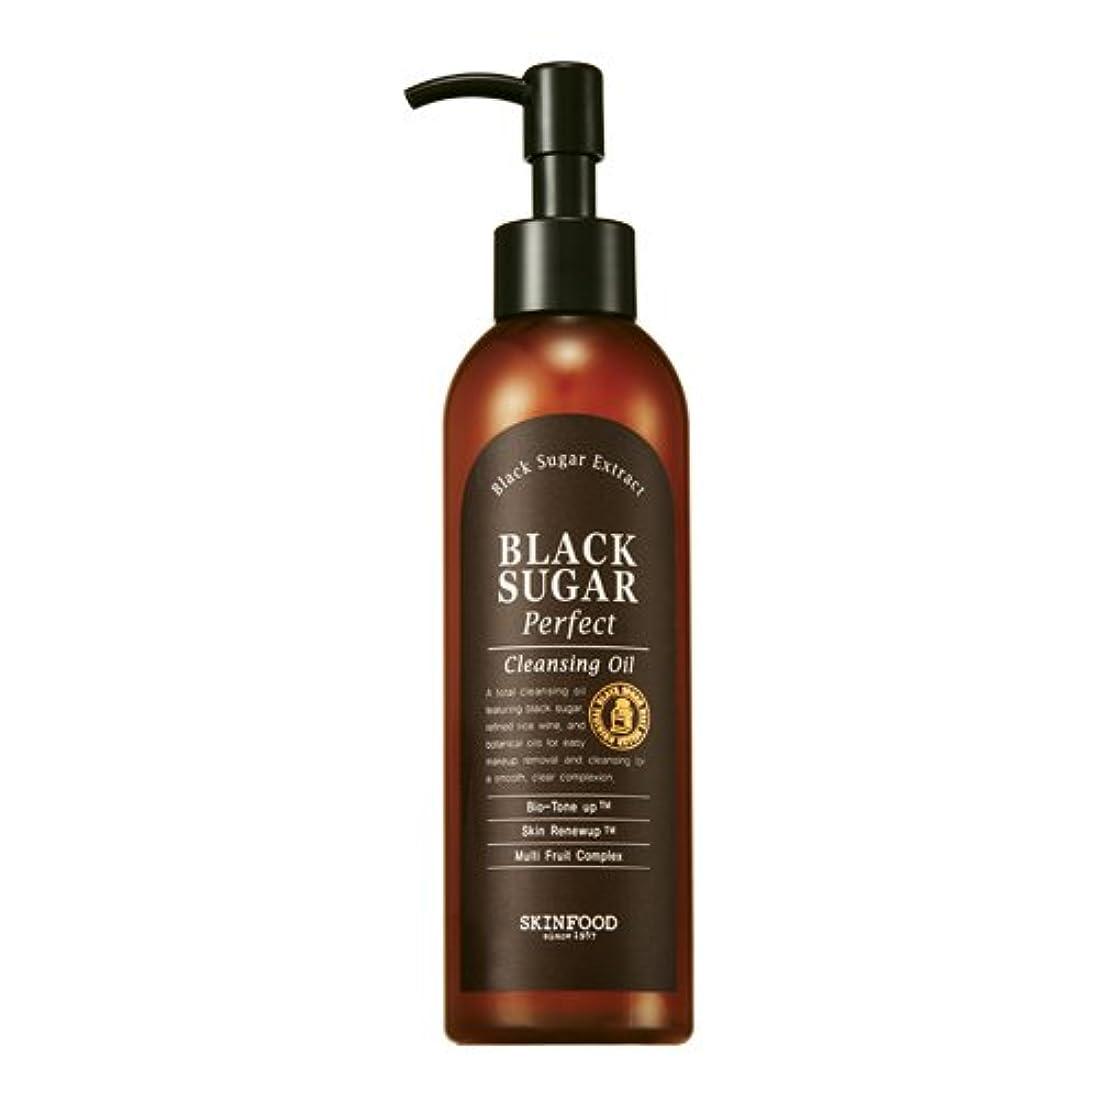 物思いにふける可能埋め込むSkinfood/Black Sugar Perfect Cleansing Oil/ブラックシュガーパーフェクトクレンジングオイル/200ml [並行輸入品]